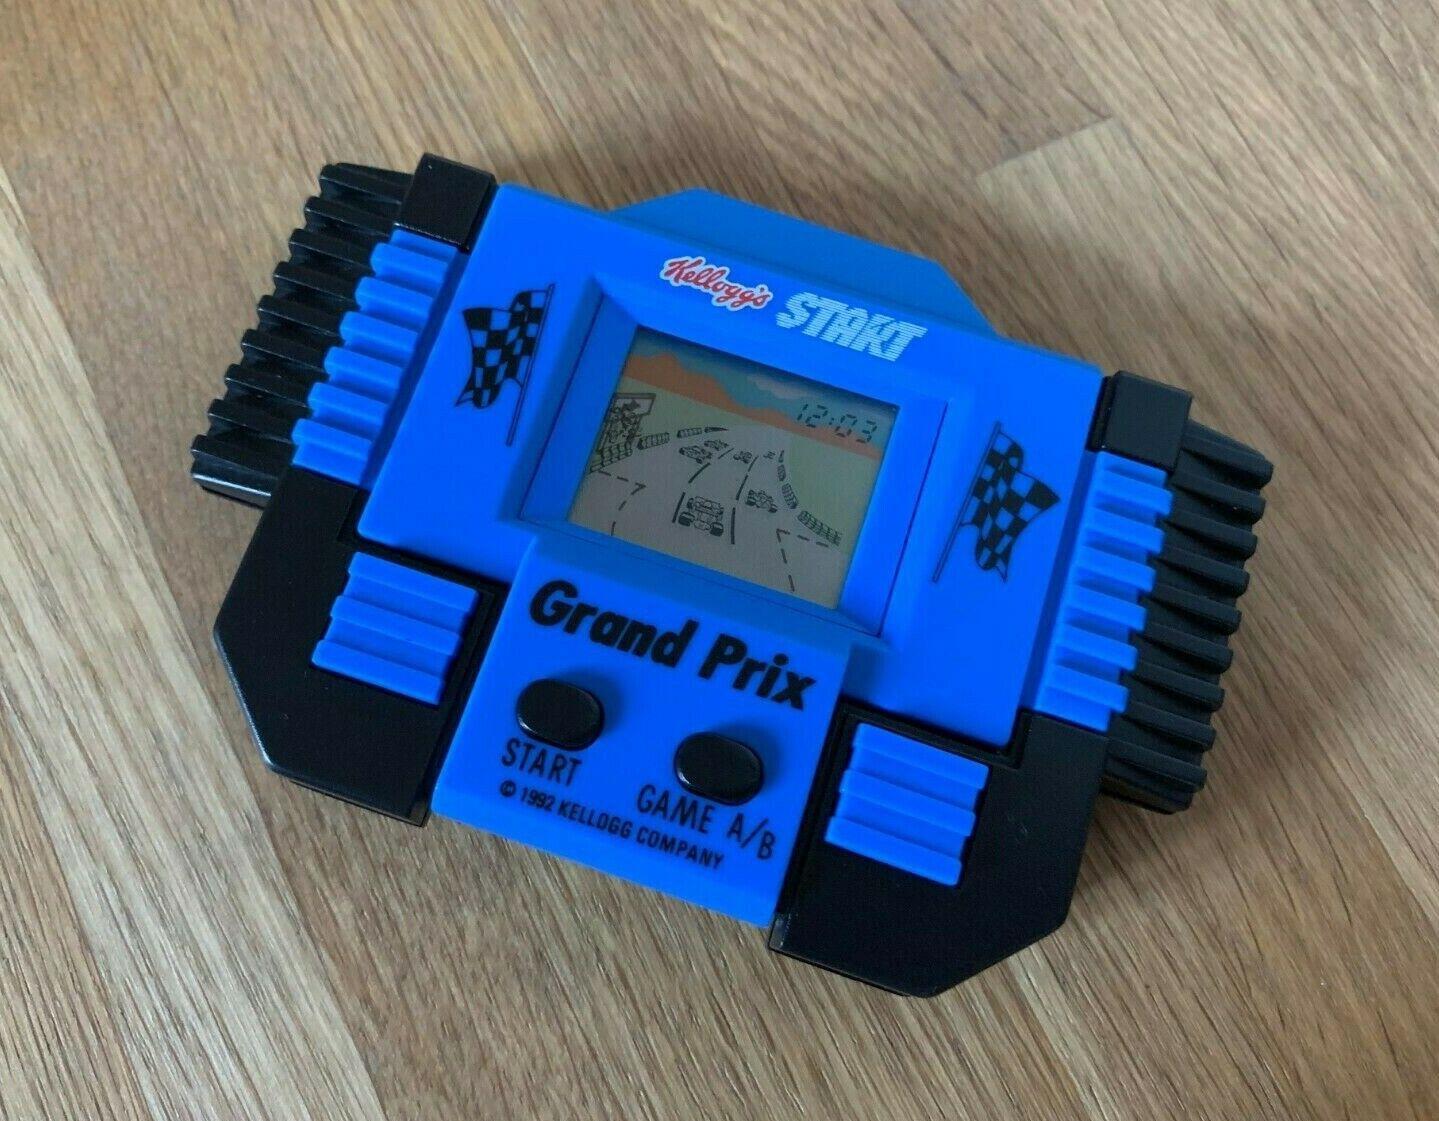 Kelloggs inicio Grand Prix Vintage 1992 LCD portátil juego electrónico en en muy buena condición.